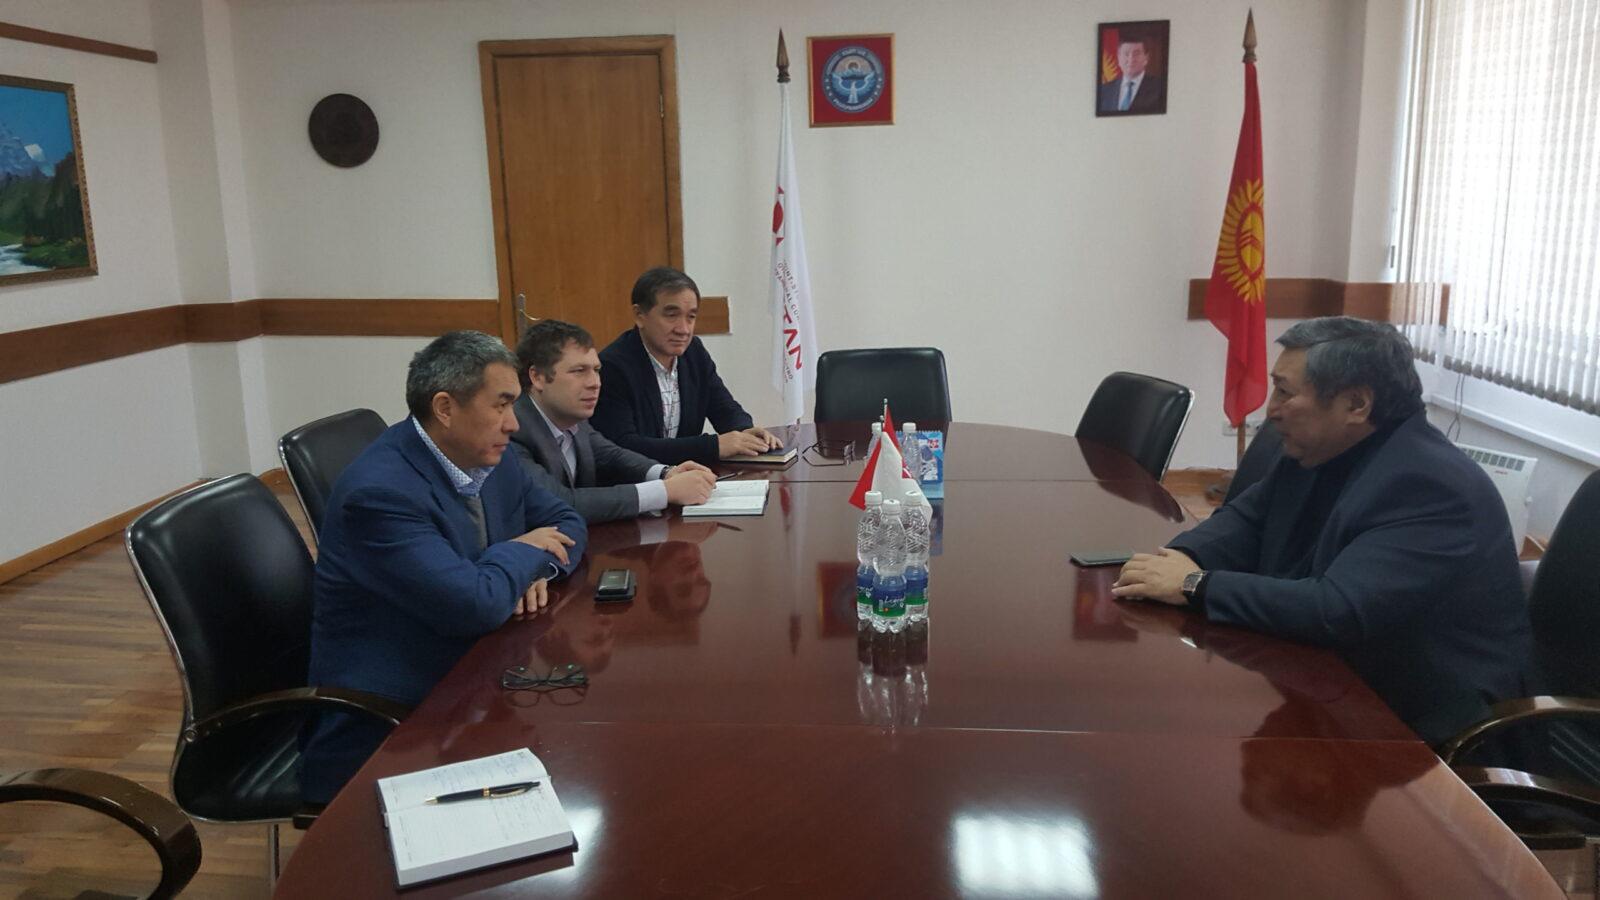 20191129 114541 scaled - Визит Чрезвычайного и Полномочного Посла Кыргызской Республики в Республике Таджикистан